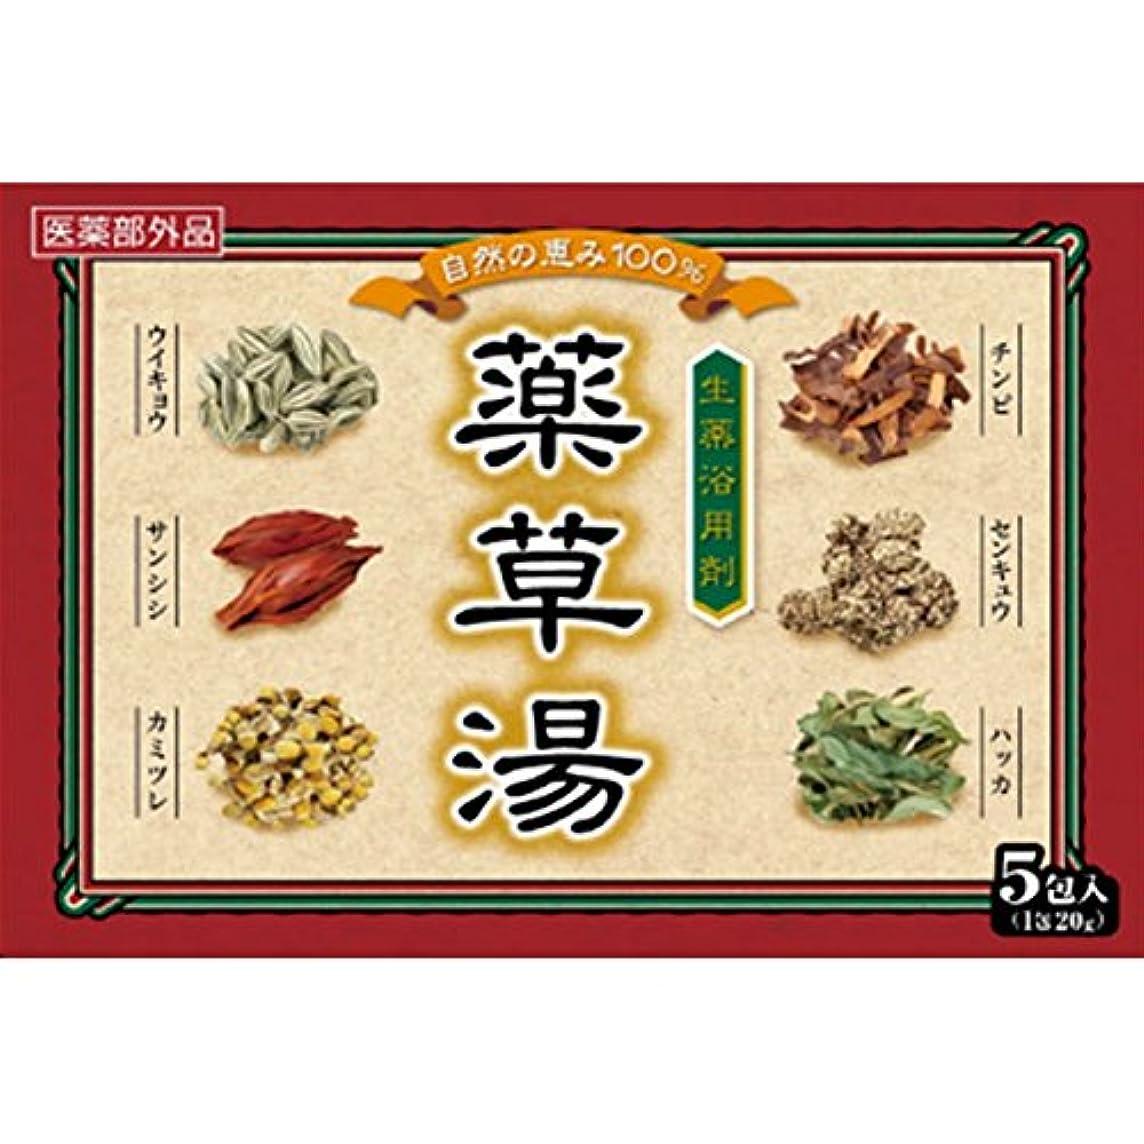 タヒチ外交官ストッキング生薬浴用剤 薬草湯5包×2